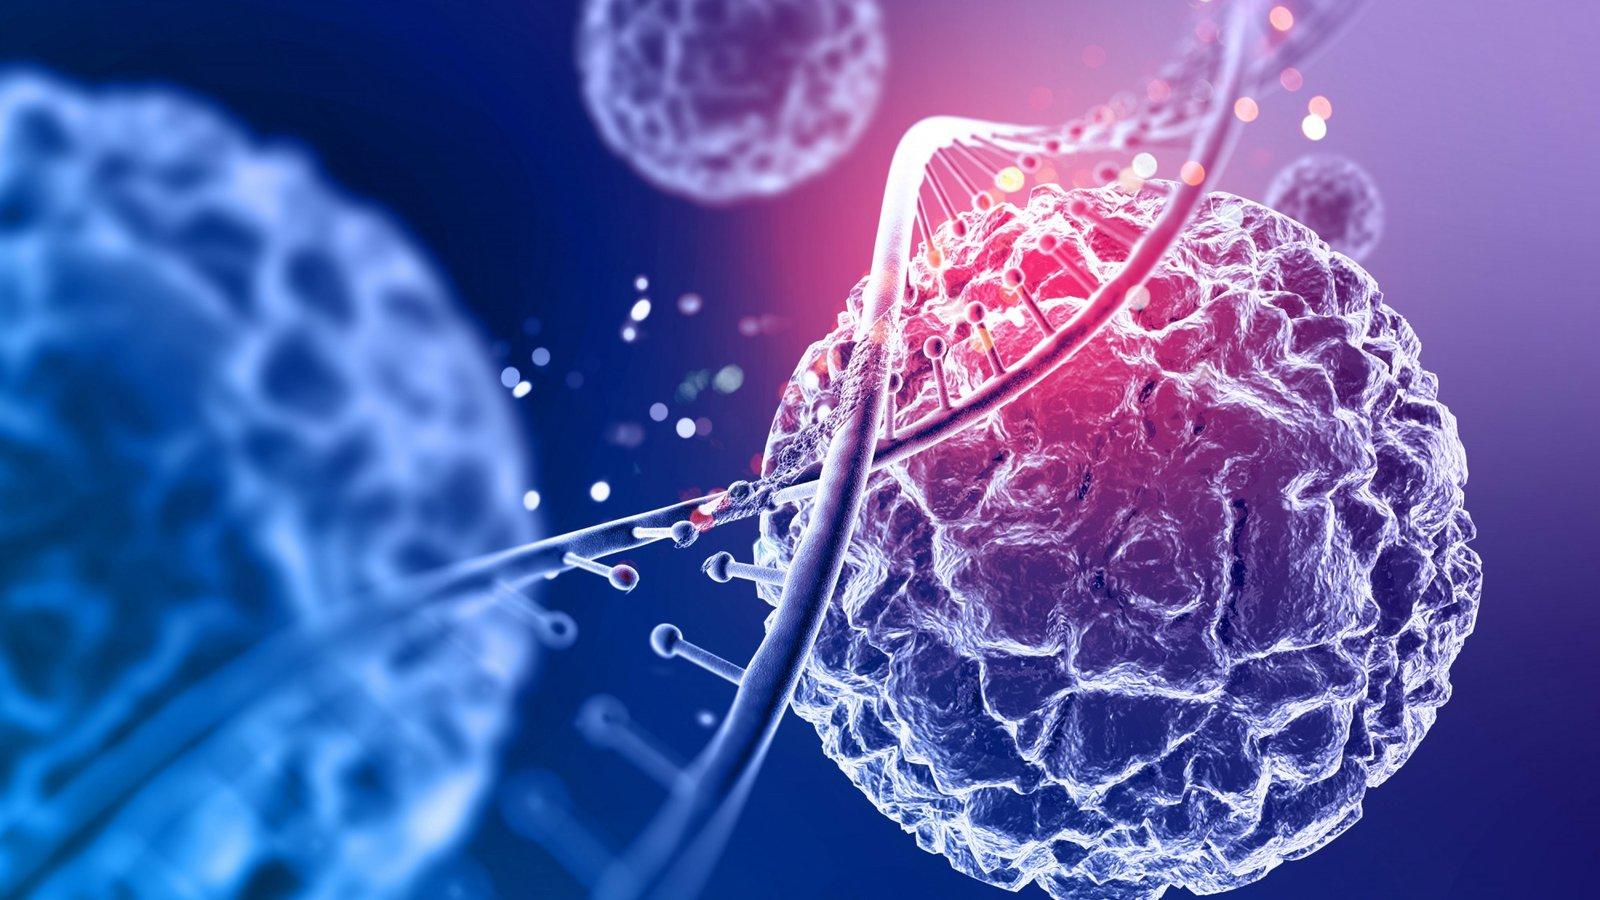 Células madre de tejido umbilical prometen reparación de daños por COVID-19